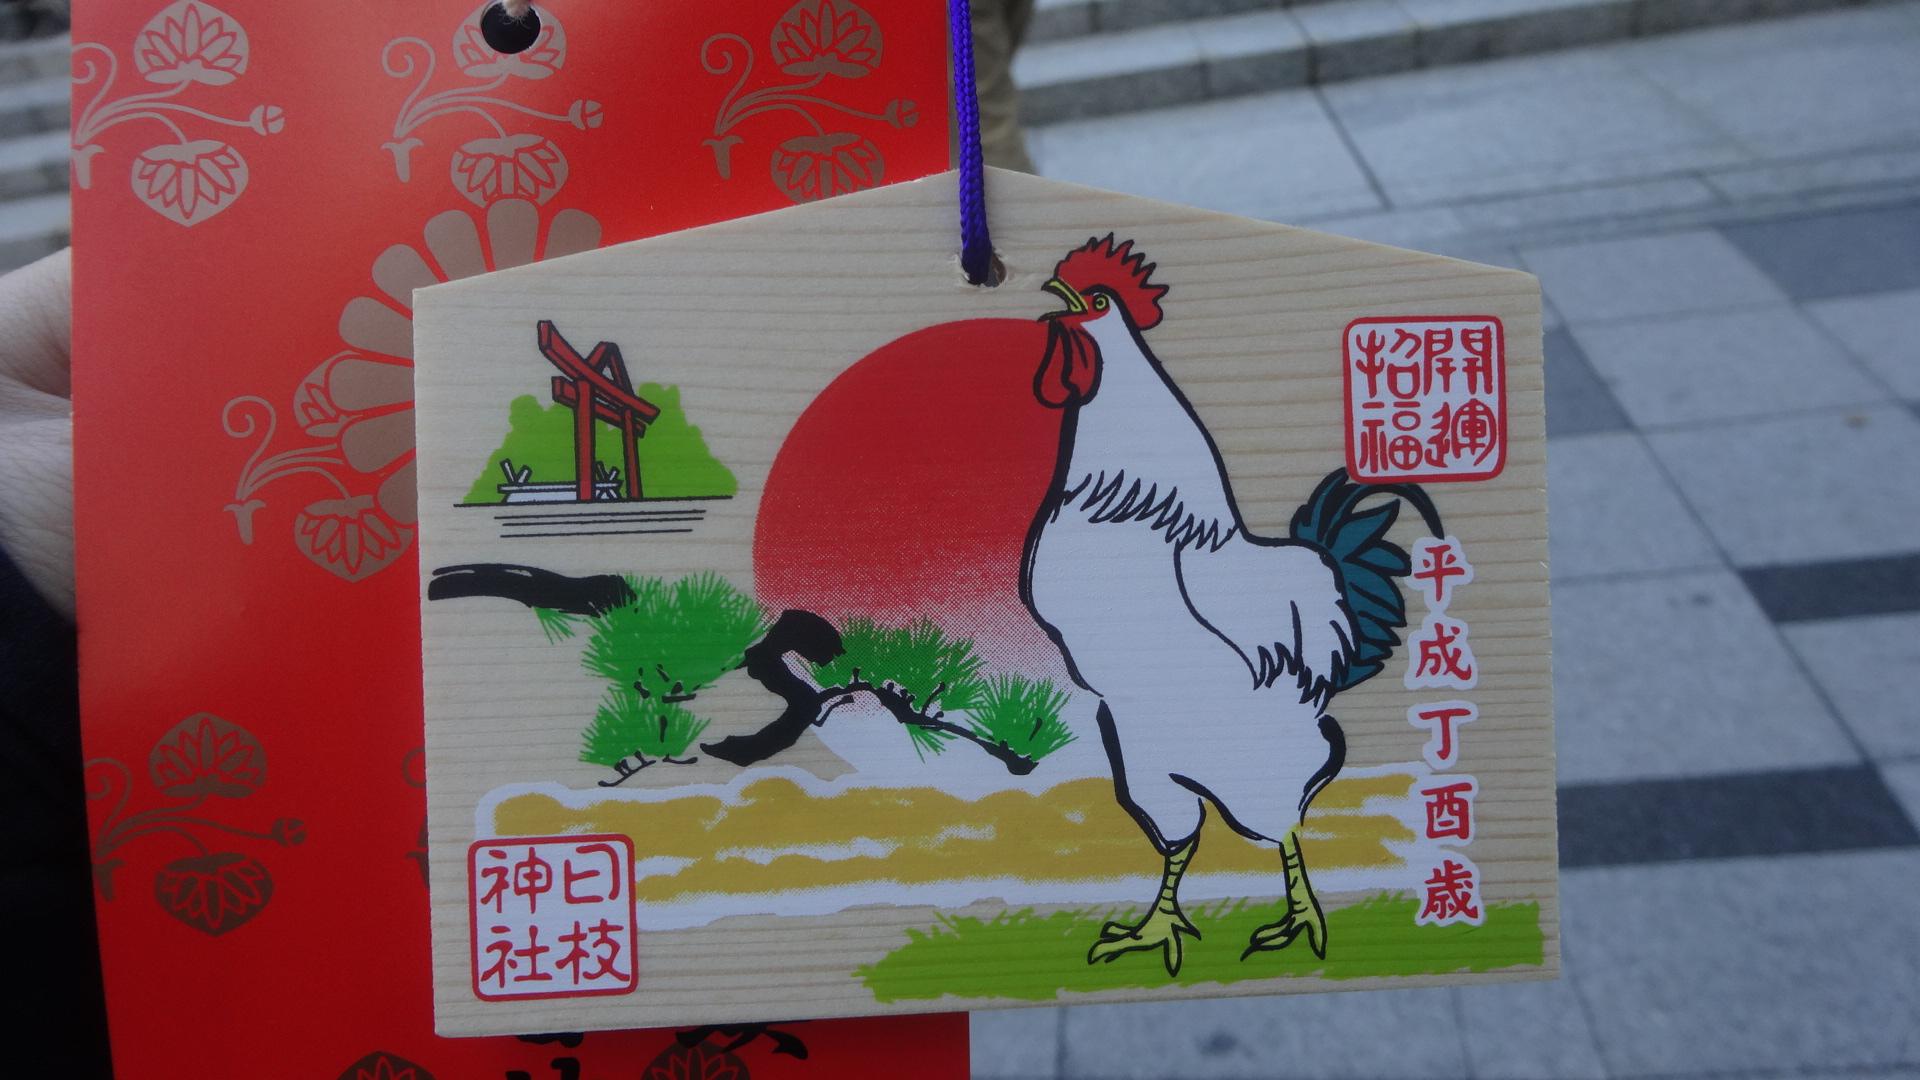 ひえい神社の破魔矢と絵馬